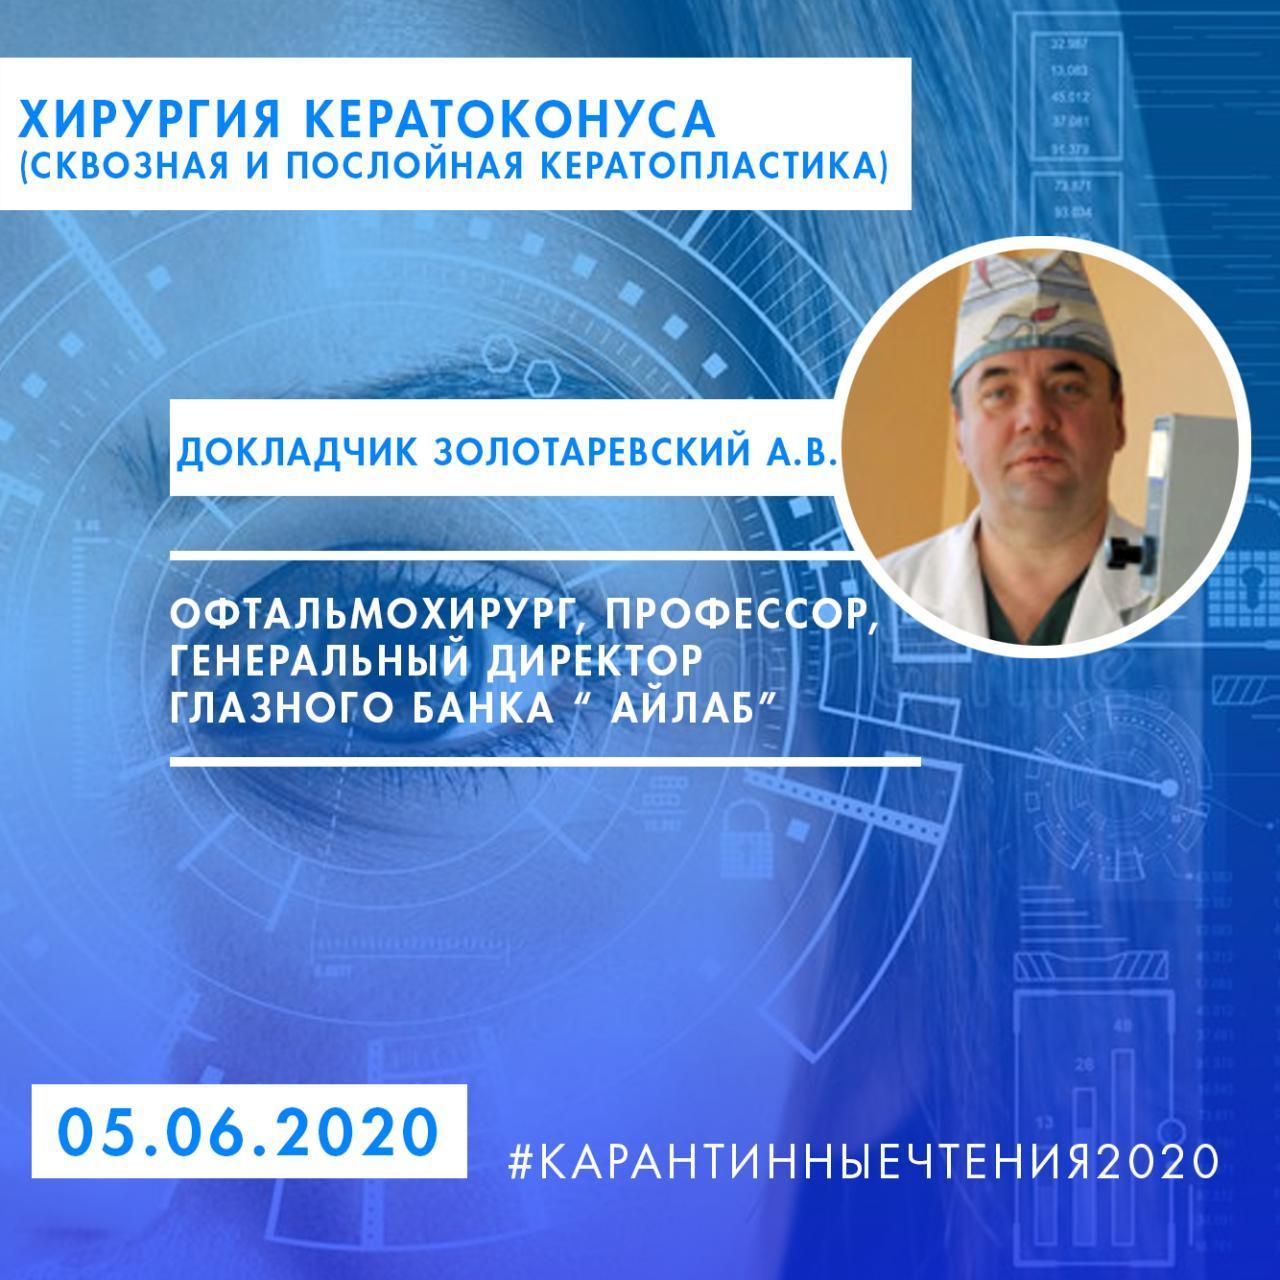 photo_2020-05-30_00-00-30